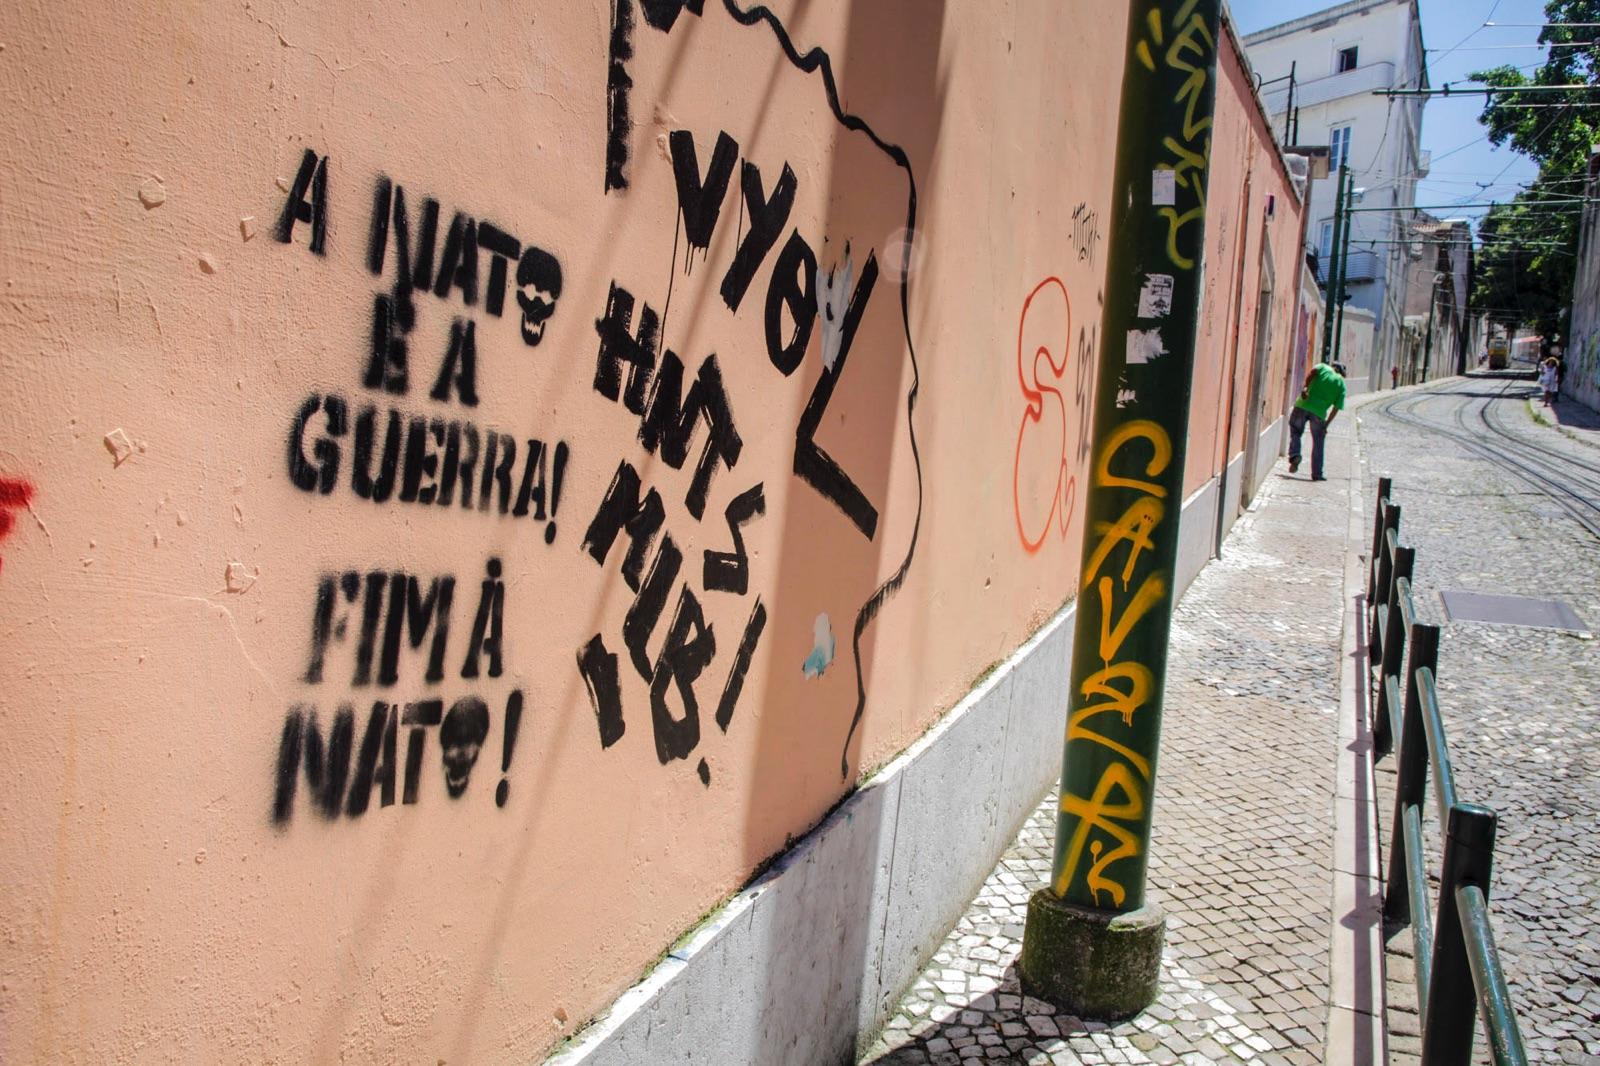 foto van een muur in Lissabon met graffiti en een stuk straat waar een man in een groen shirt kreupel loopt